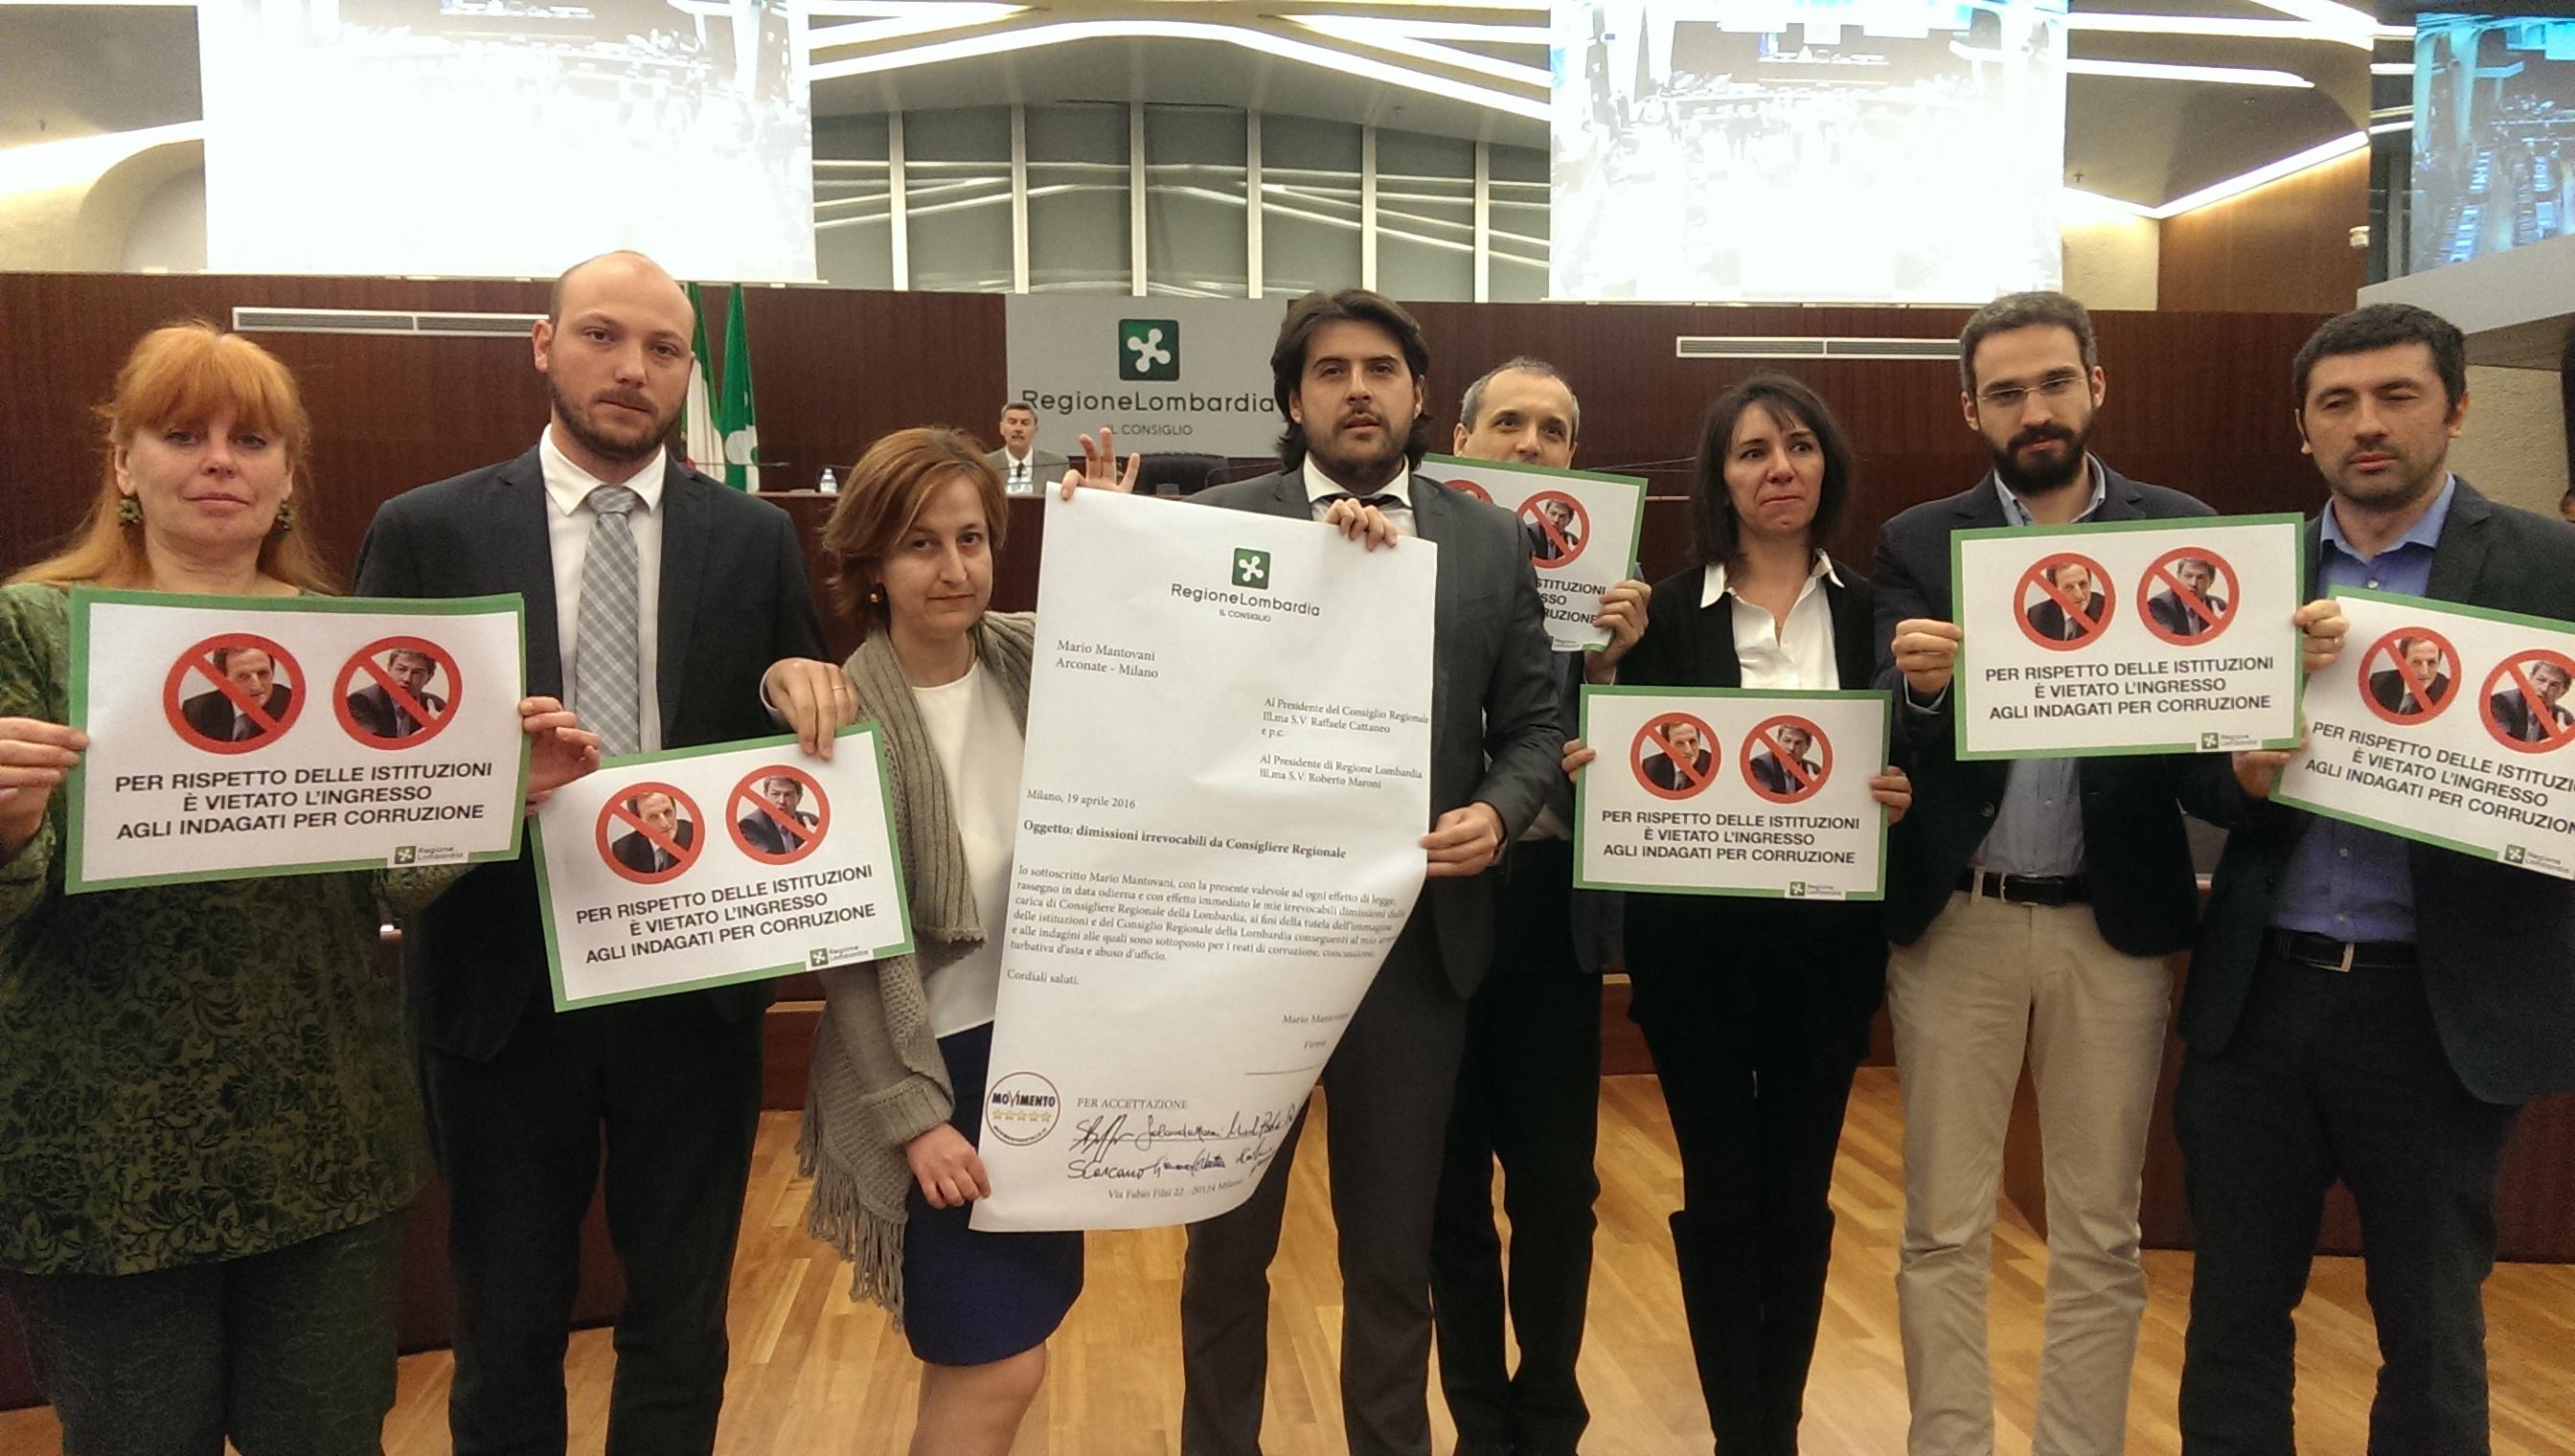 Mantovani deve firmare le sue dimissioni irrevocabili! #MantovaniDimettiti